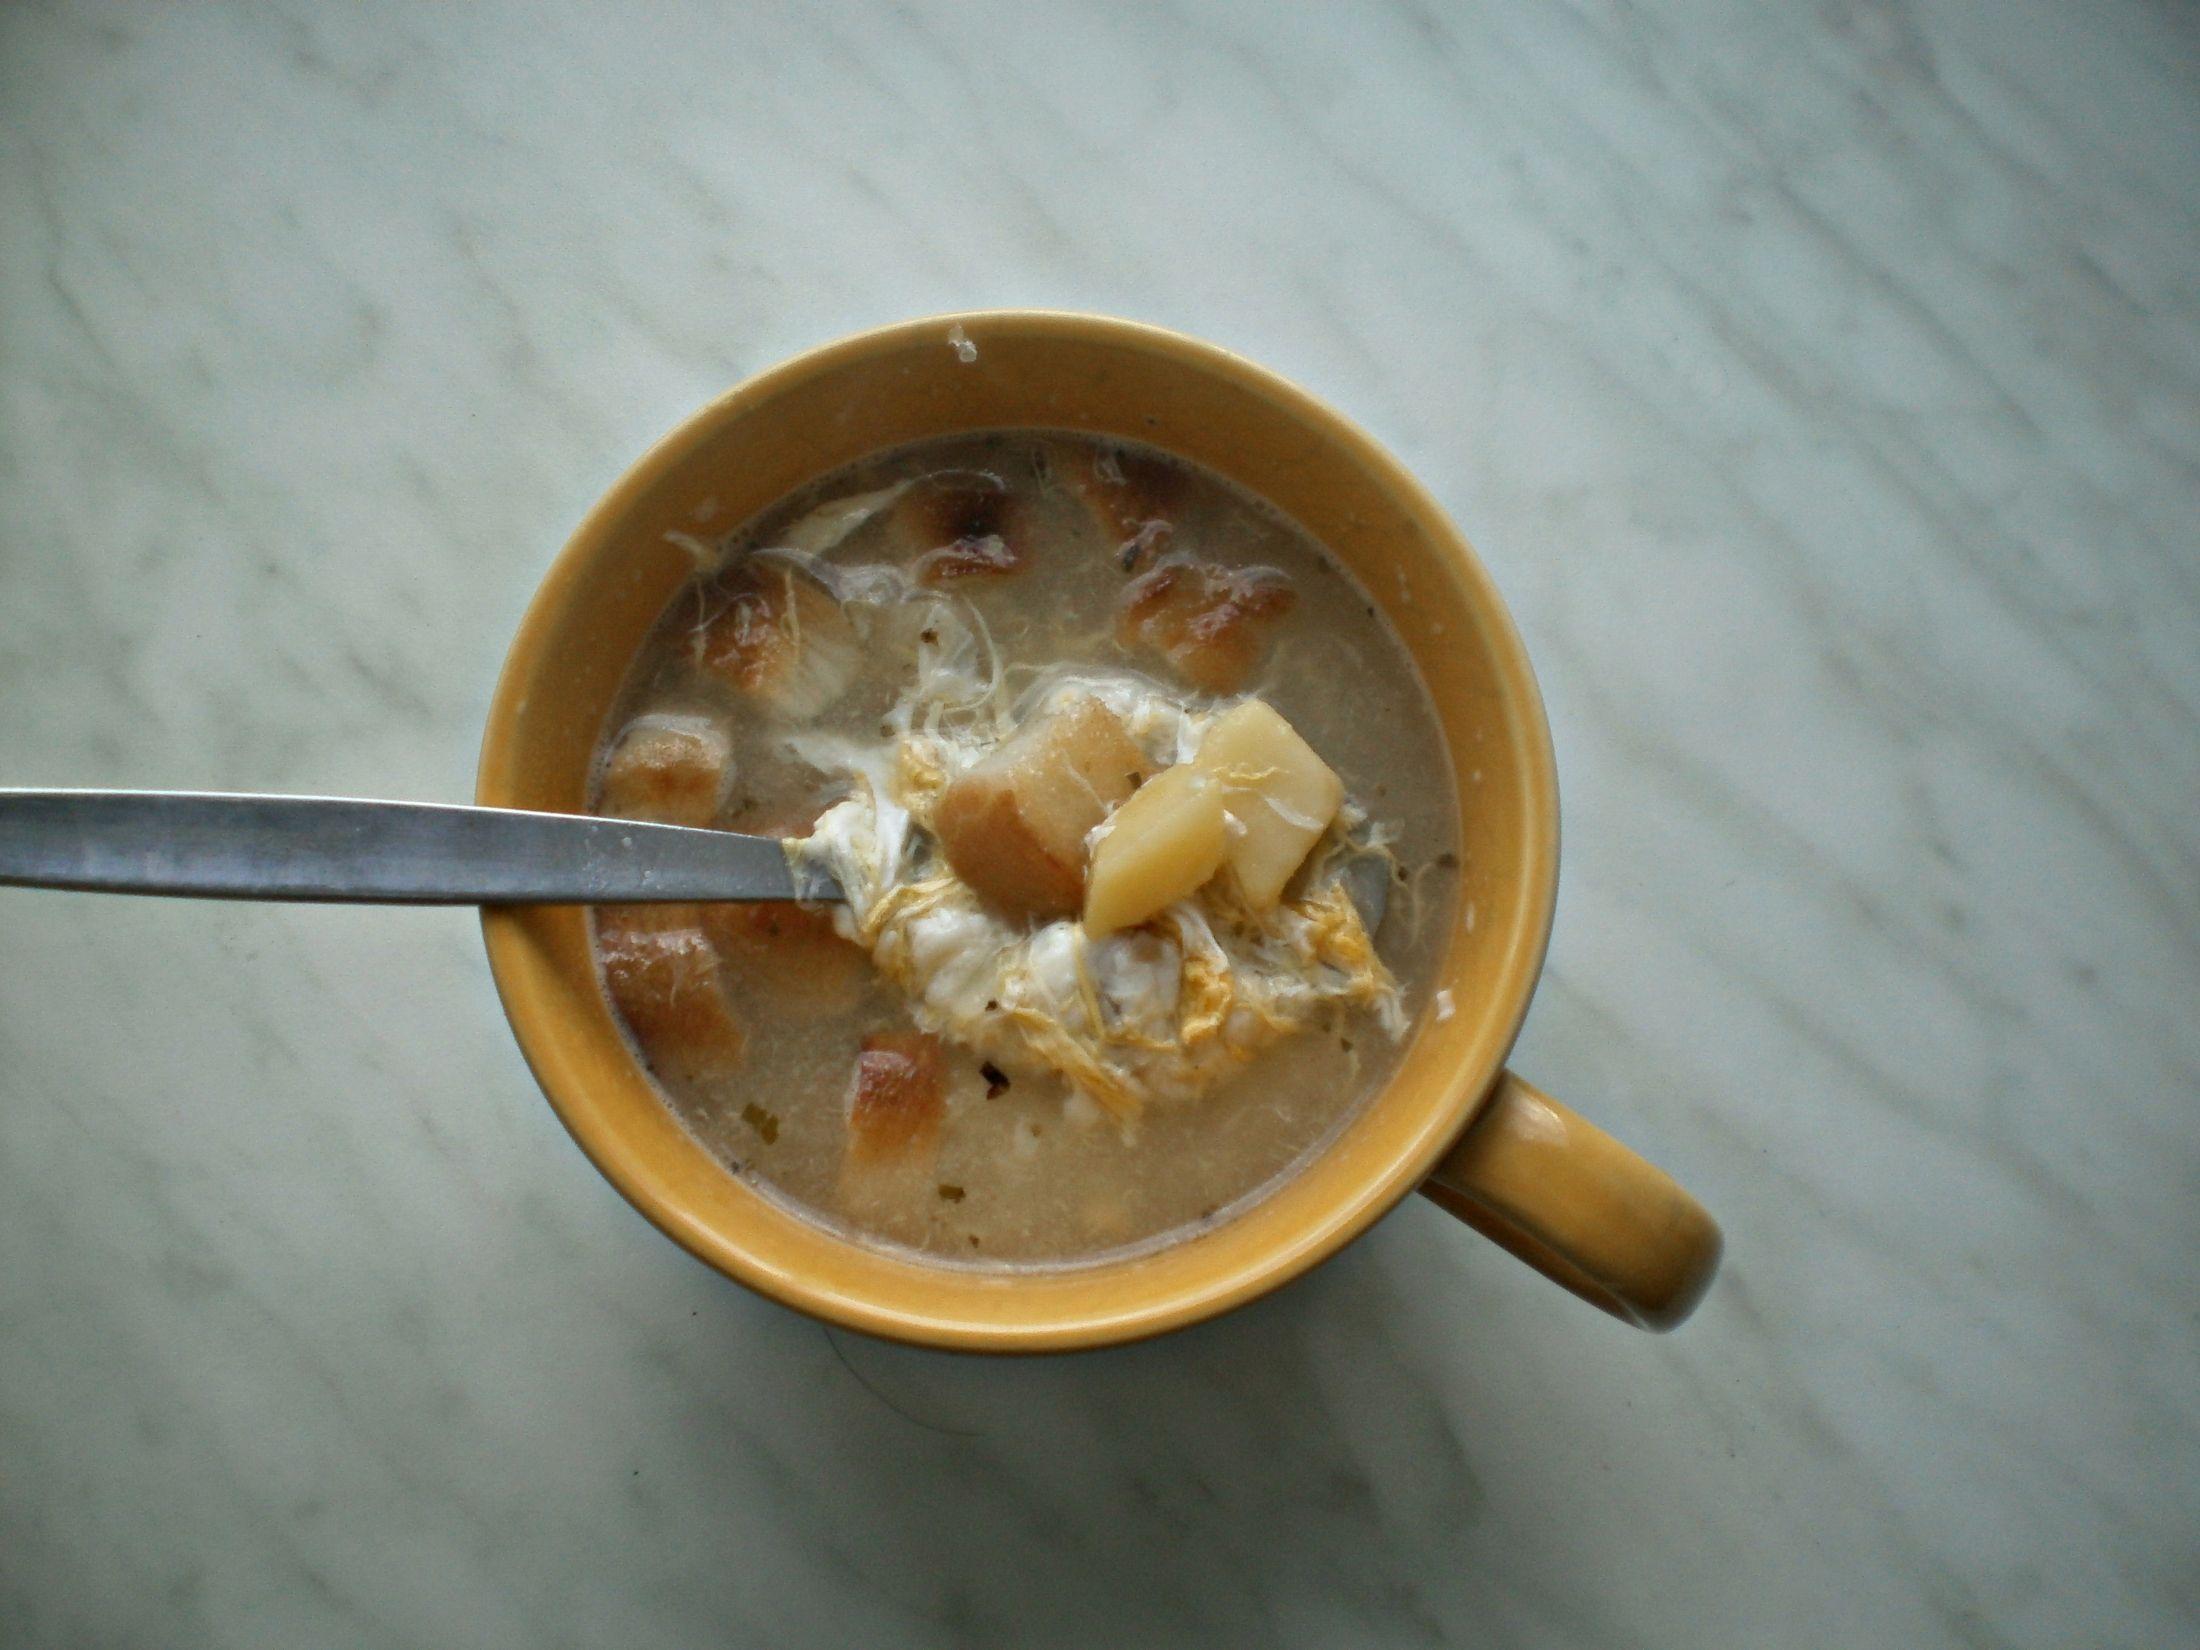 Recept Česnečka se sýrem - Můj první pokus. Česnečka byla výborná! Vřele doporučuji :)